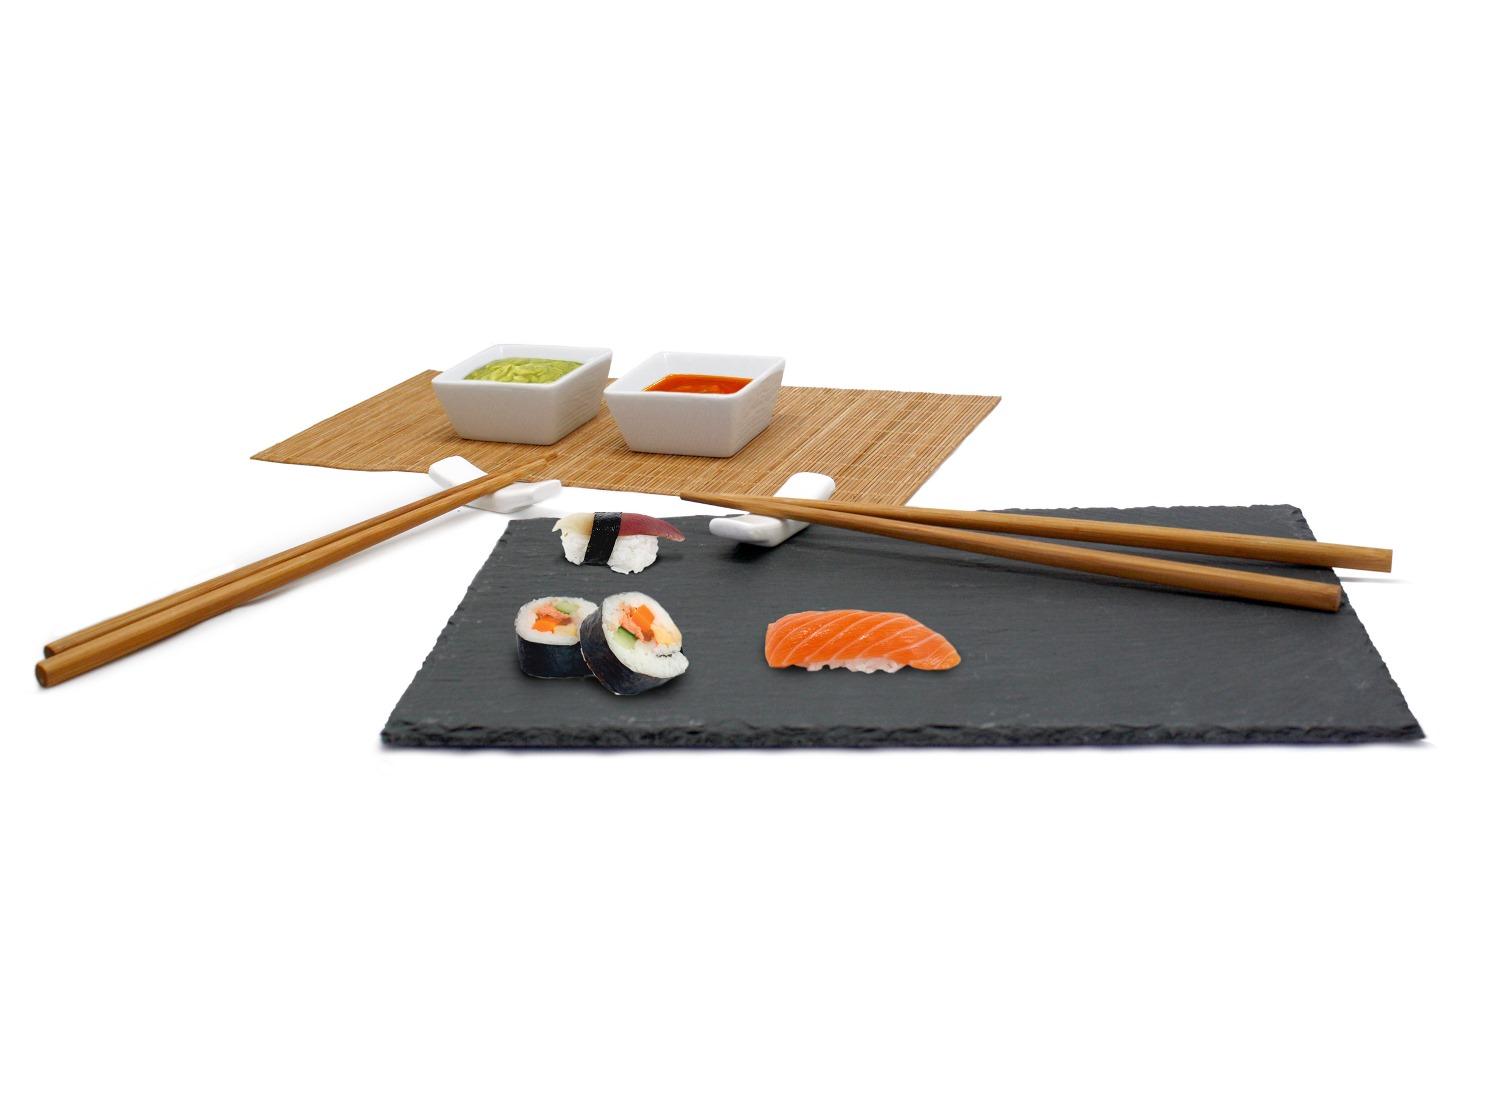 Онлайн каталог PROMENU: Набор для суши с гранитной доской и бамбуковой подставкой Nerthus, 7  предметов                               FIH 092